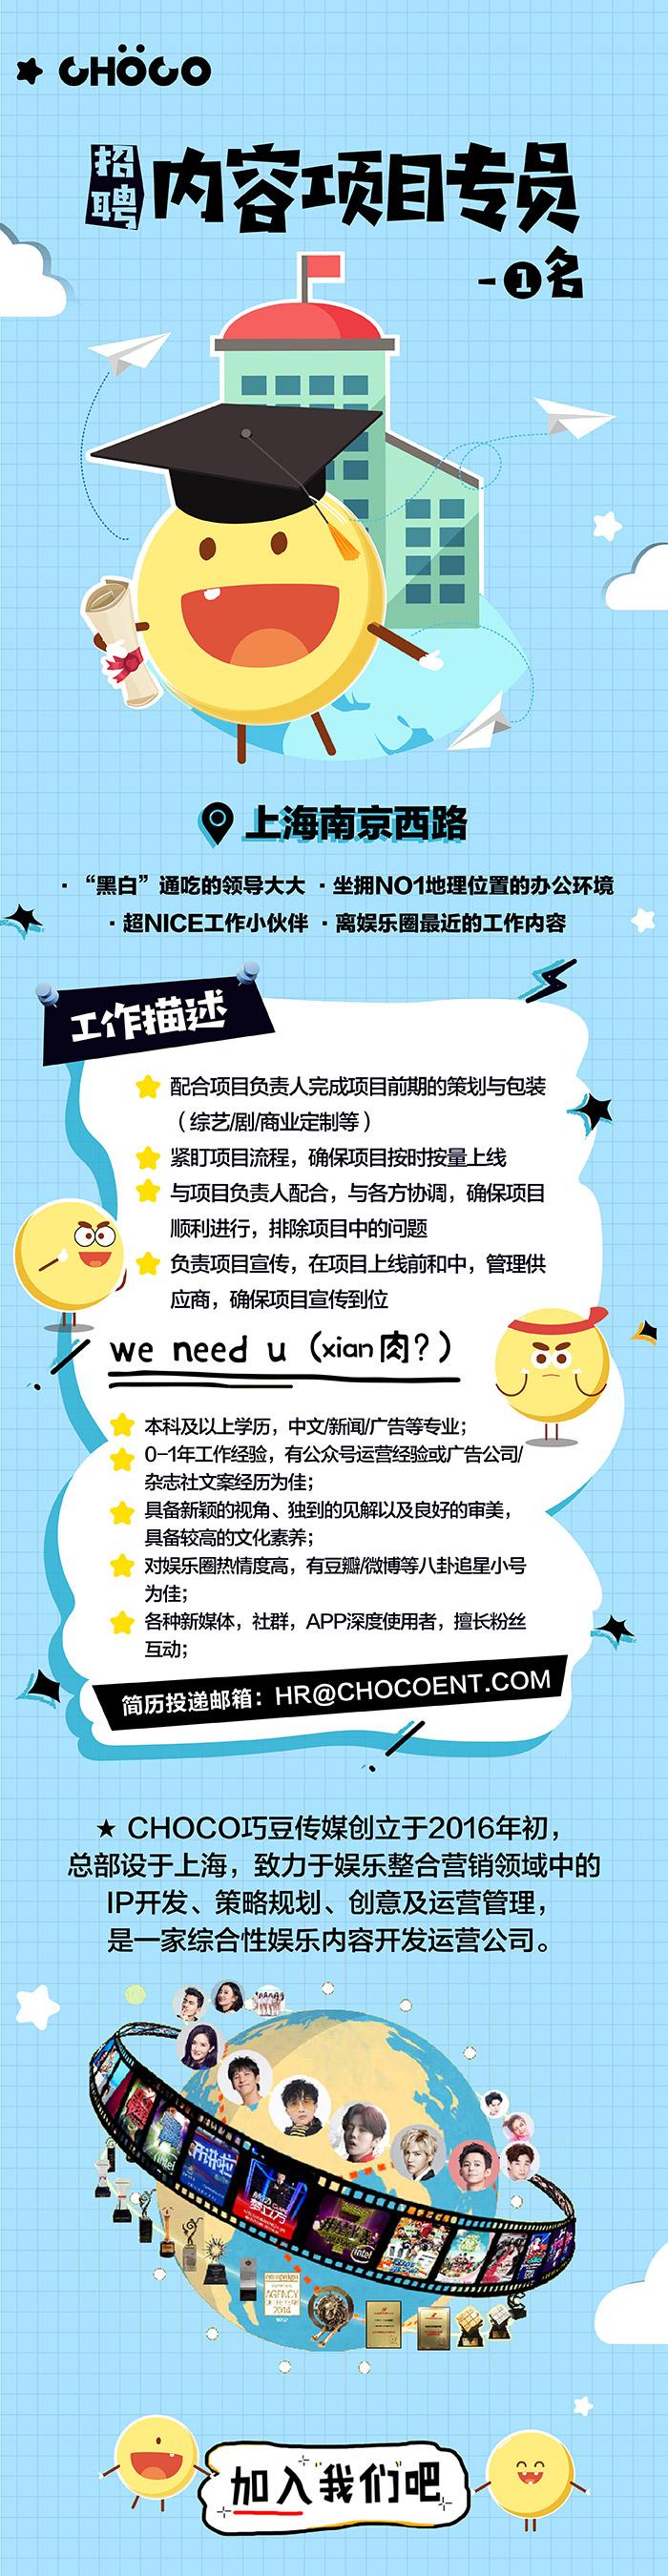 LD乐动体育网址上海招人啦——内容项目专员